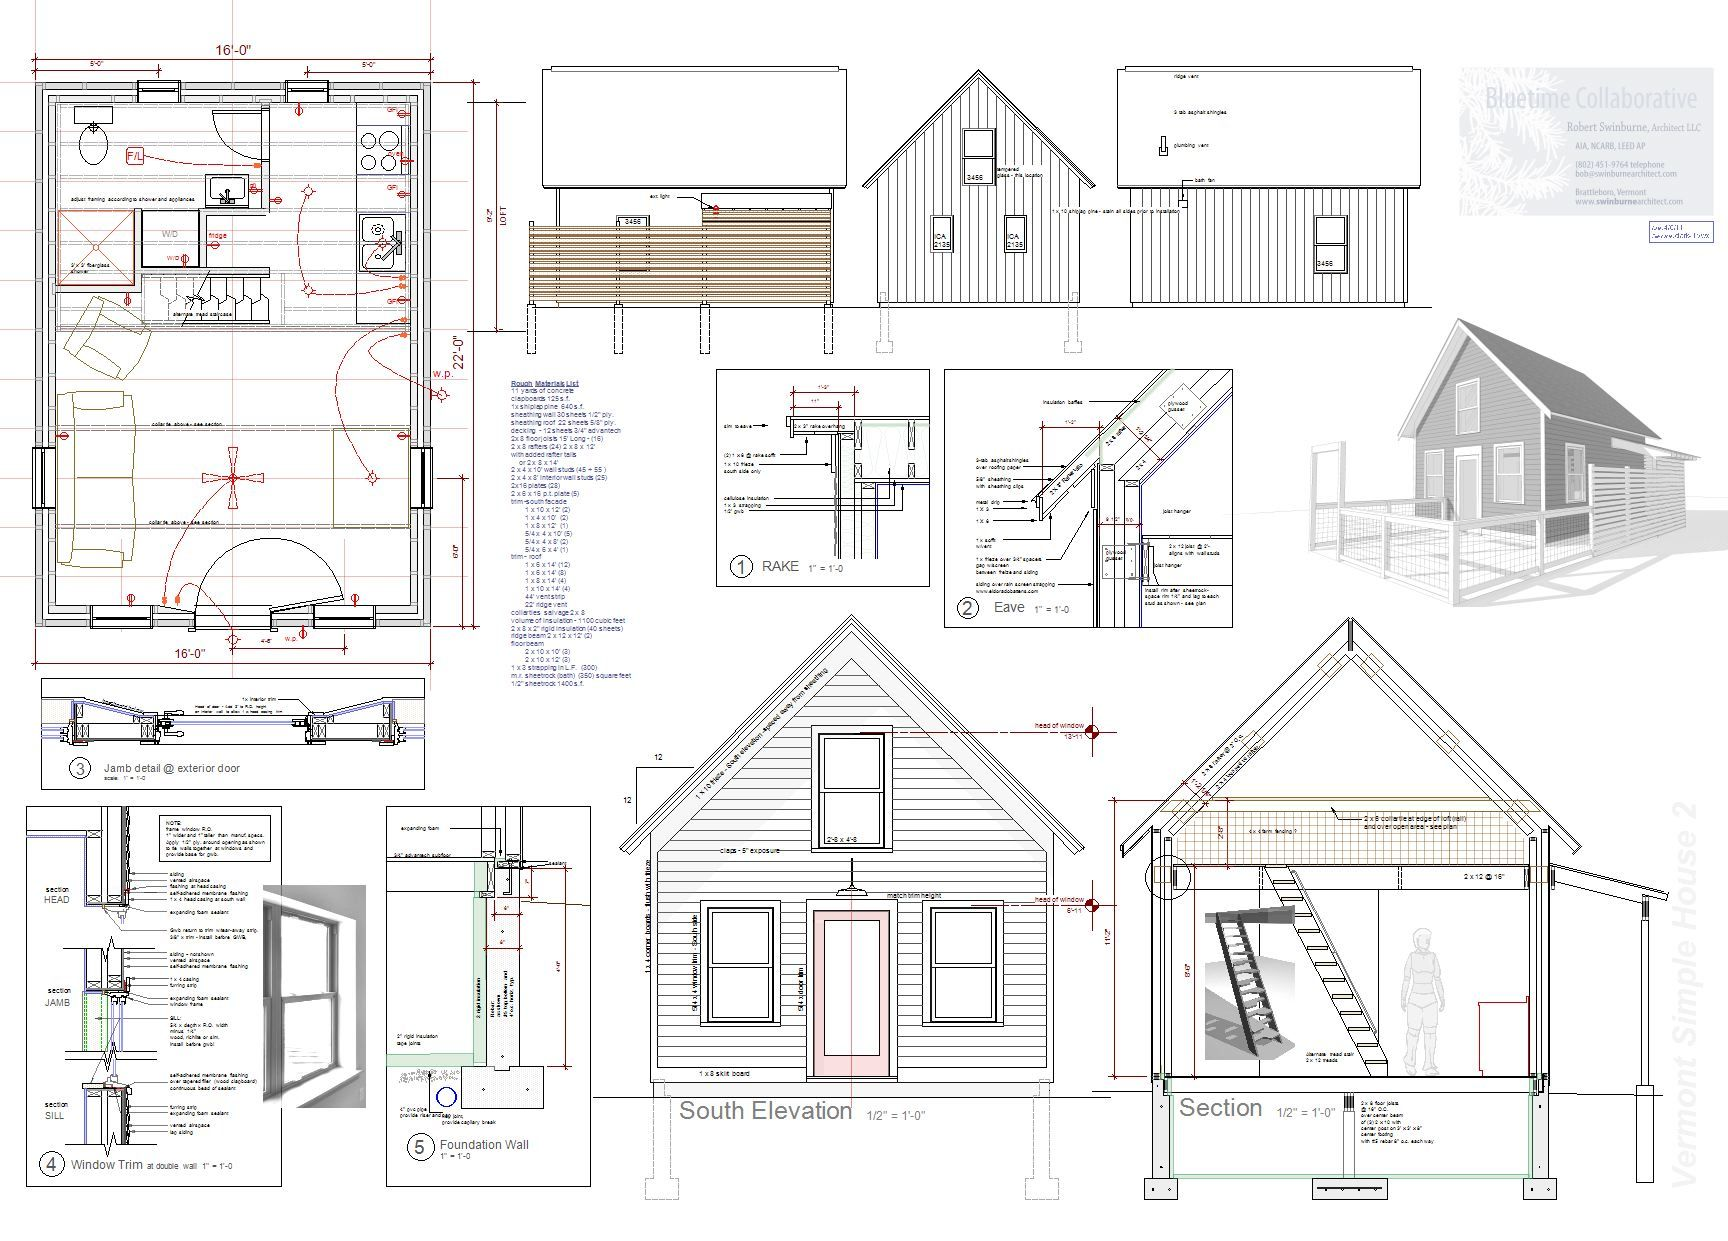 Wondrous 17 Best Images About Tiny House Plans Design Ideas On Pinterest Largest Home Design Picture Inspirations Pitcheantrous